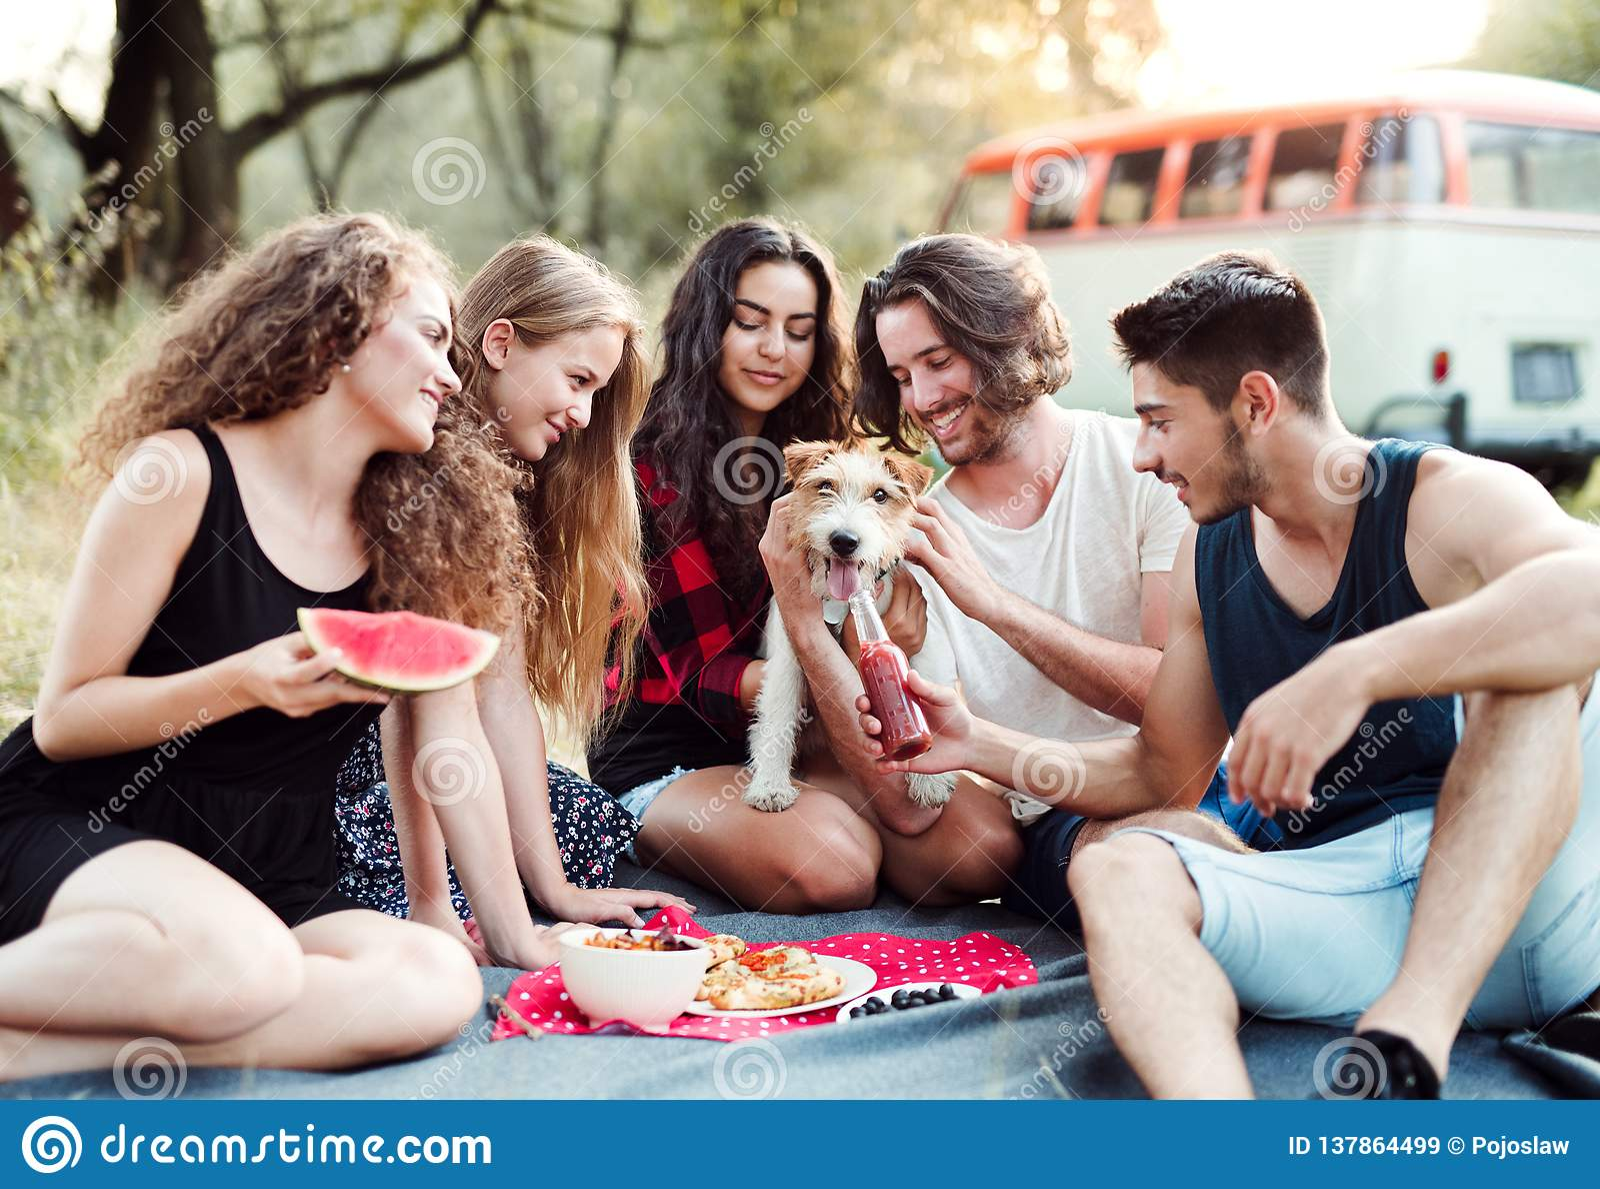 Een groep vrienden met een hondzitting op grond op een roadtrip door platteland